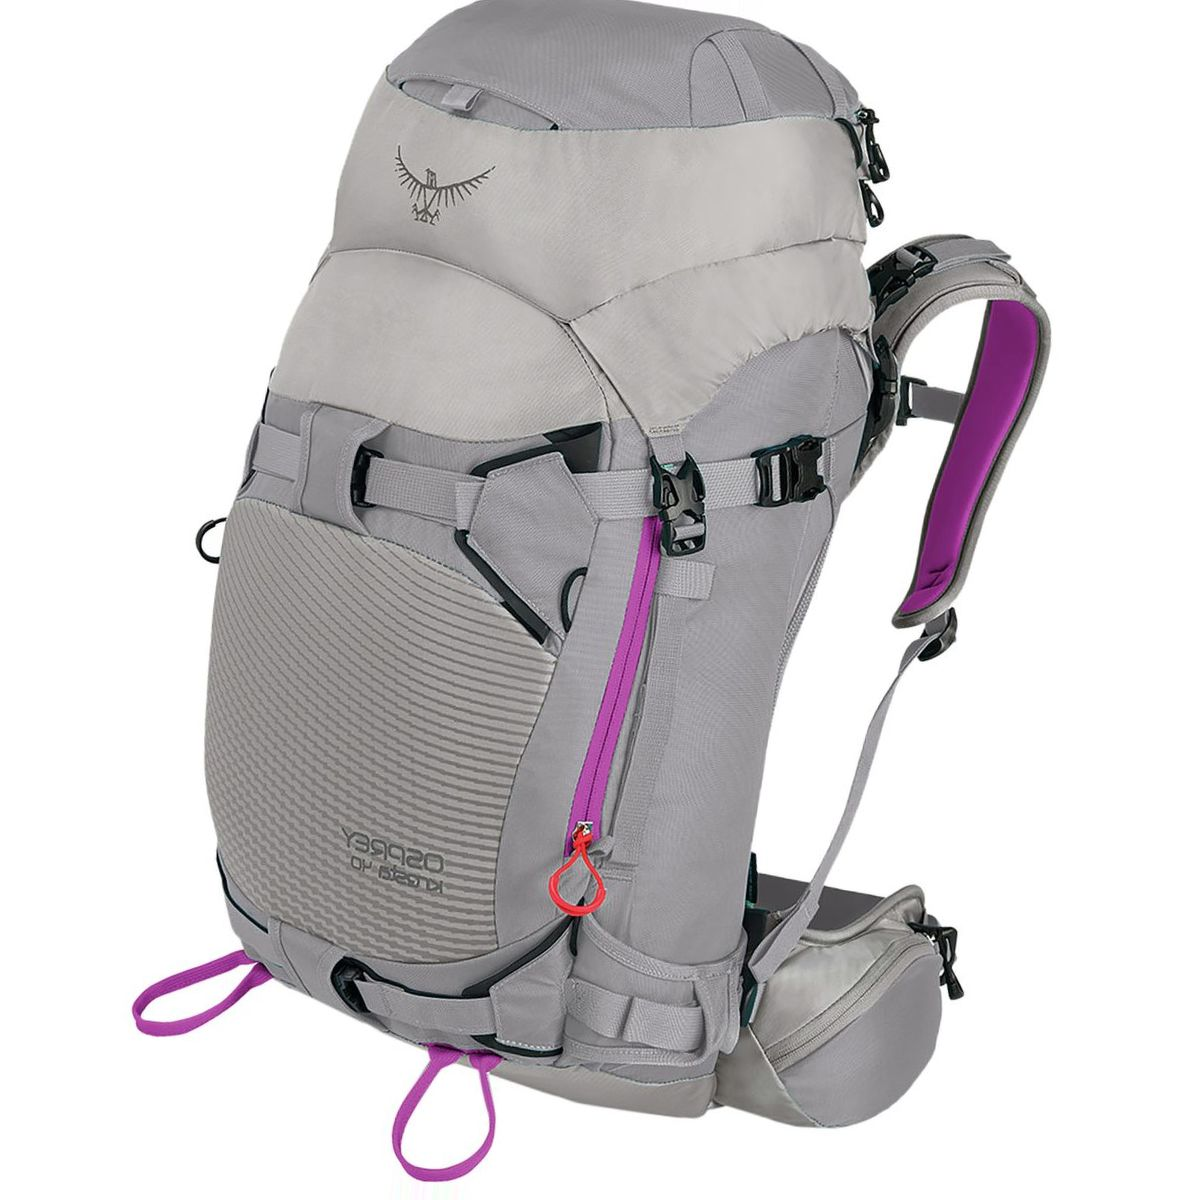 Osprey Packs Kresta 40L Backpack - Women's